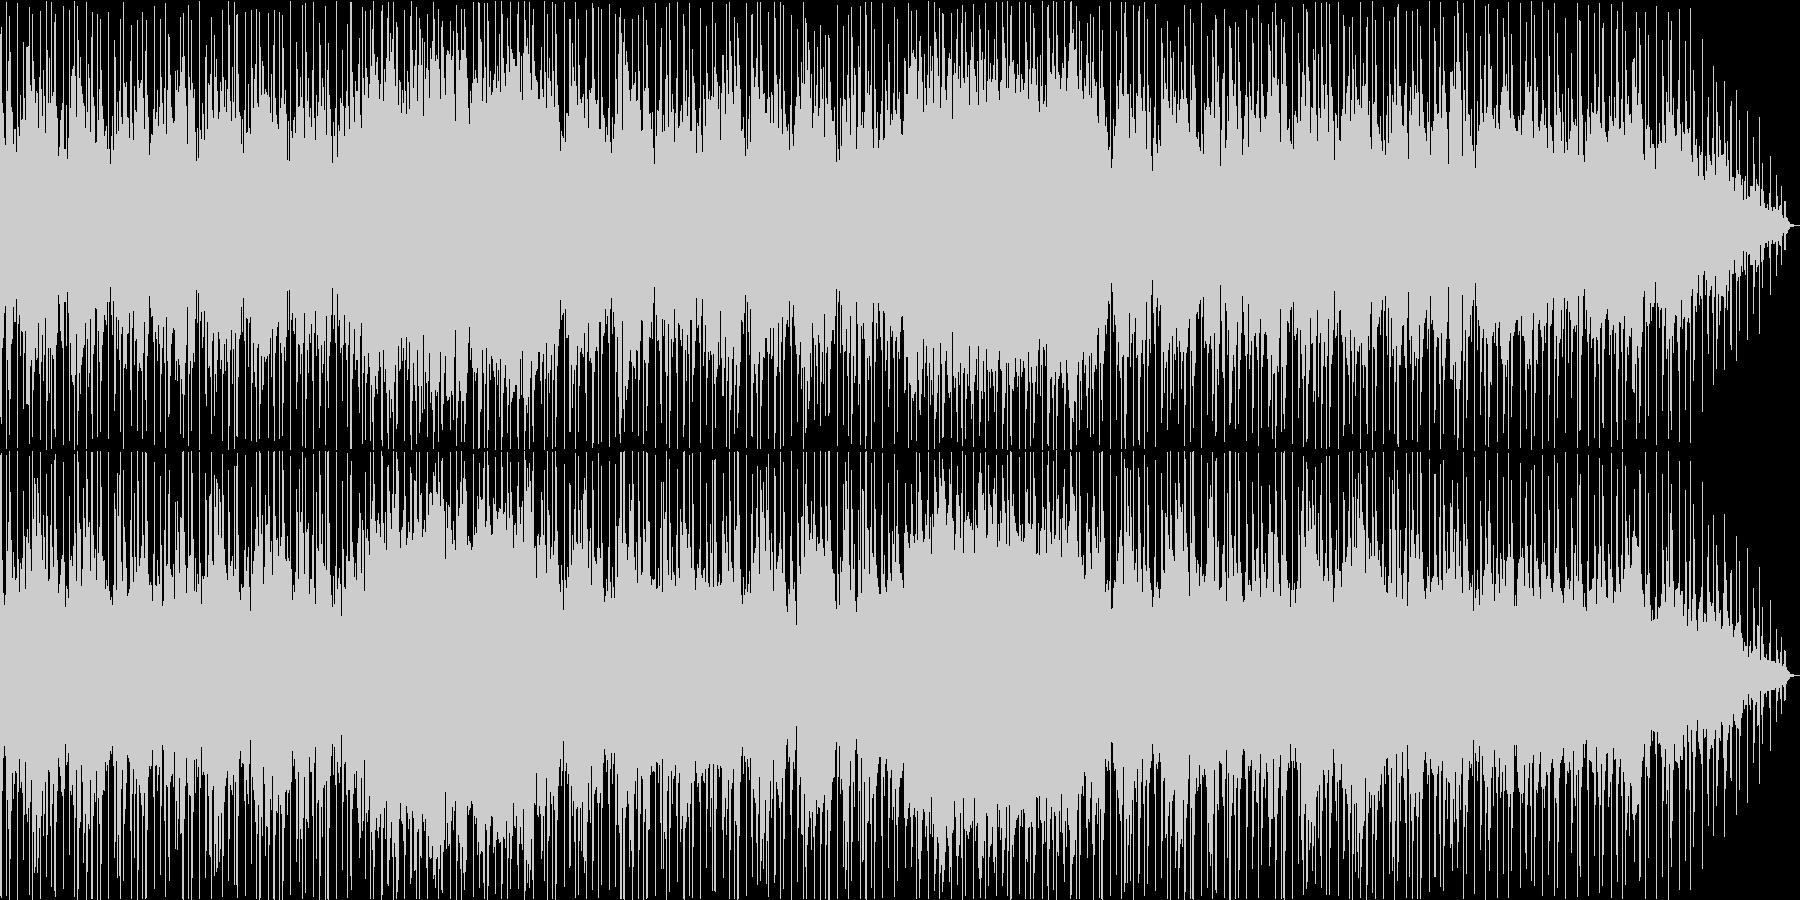 優しく可愛らしい音色のリラクゼーションの未再生の波形